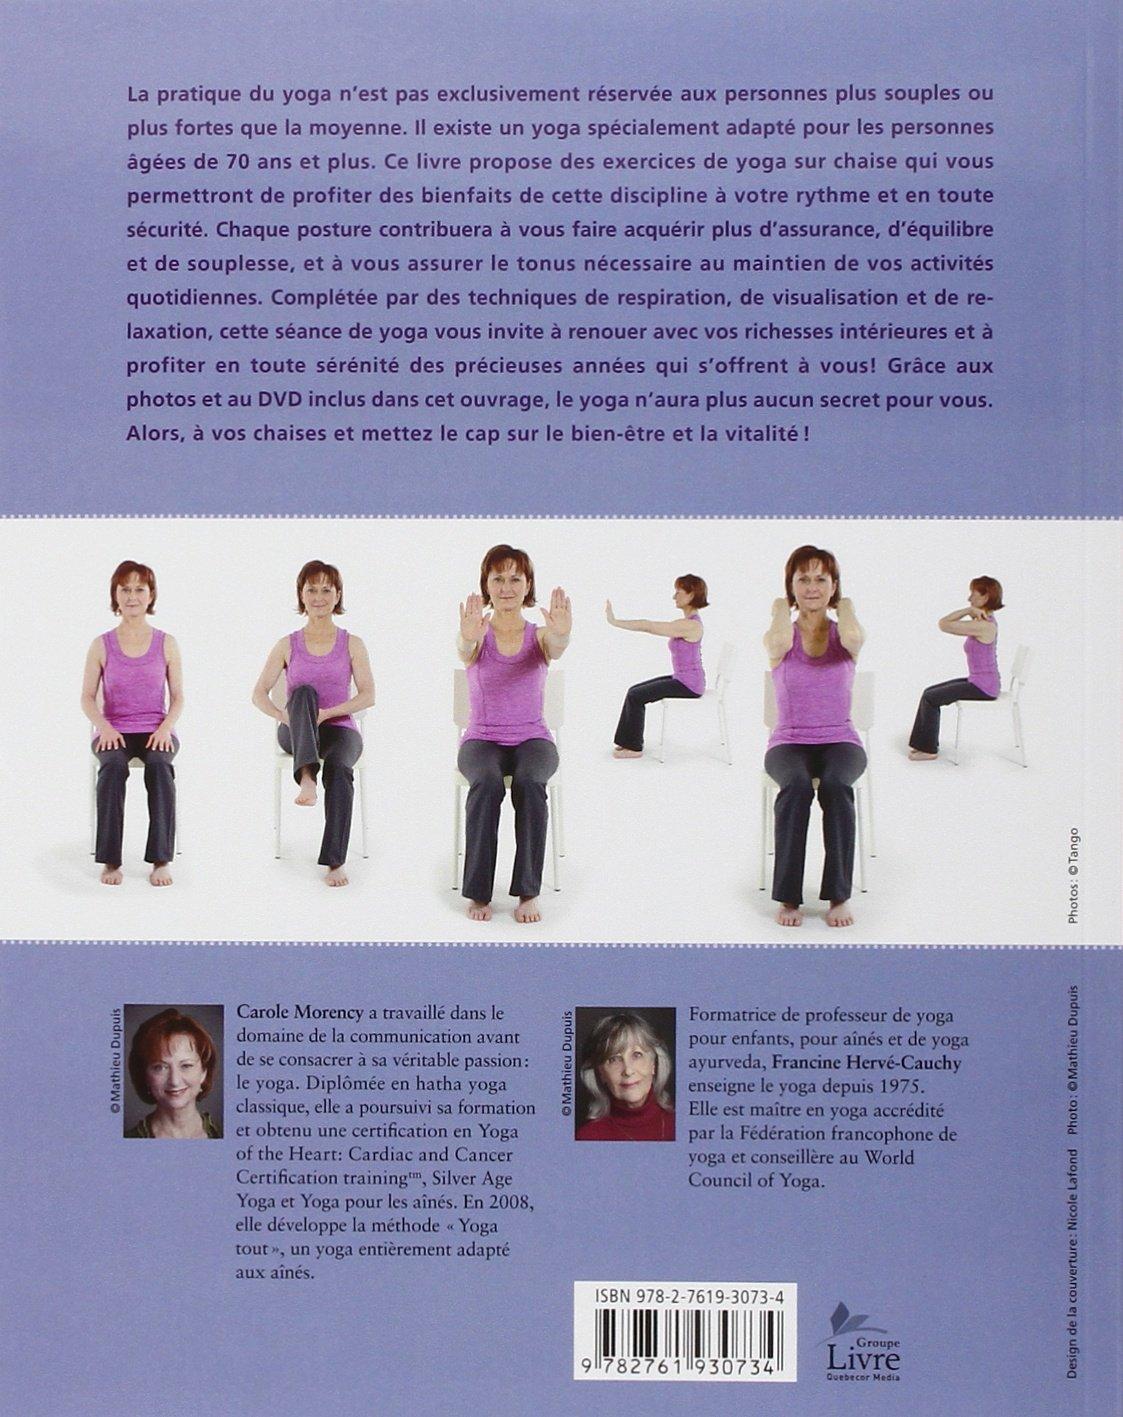 Yoga Tout Le Yoga Aines Dvd 9782761930734 Amazon Com Books